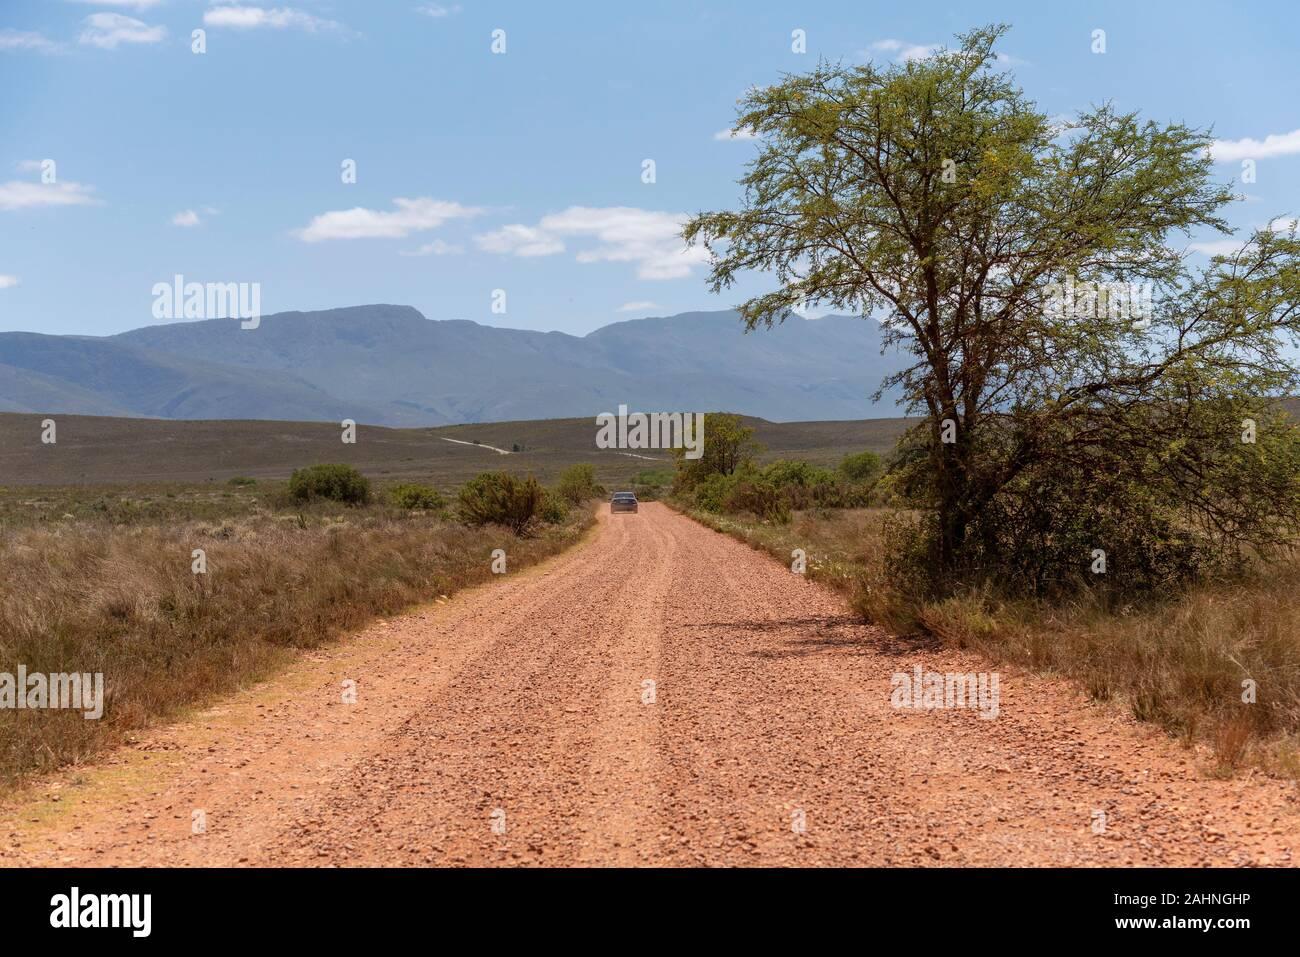 Swellendam, Western Cape, Afrique du Sud. Décembre 2019. Chemin de terre en direction de la montagnes Langeberg. Banque D'Images